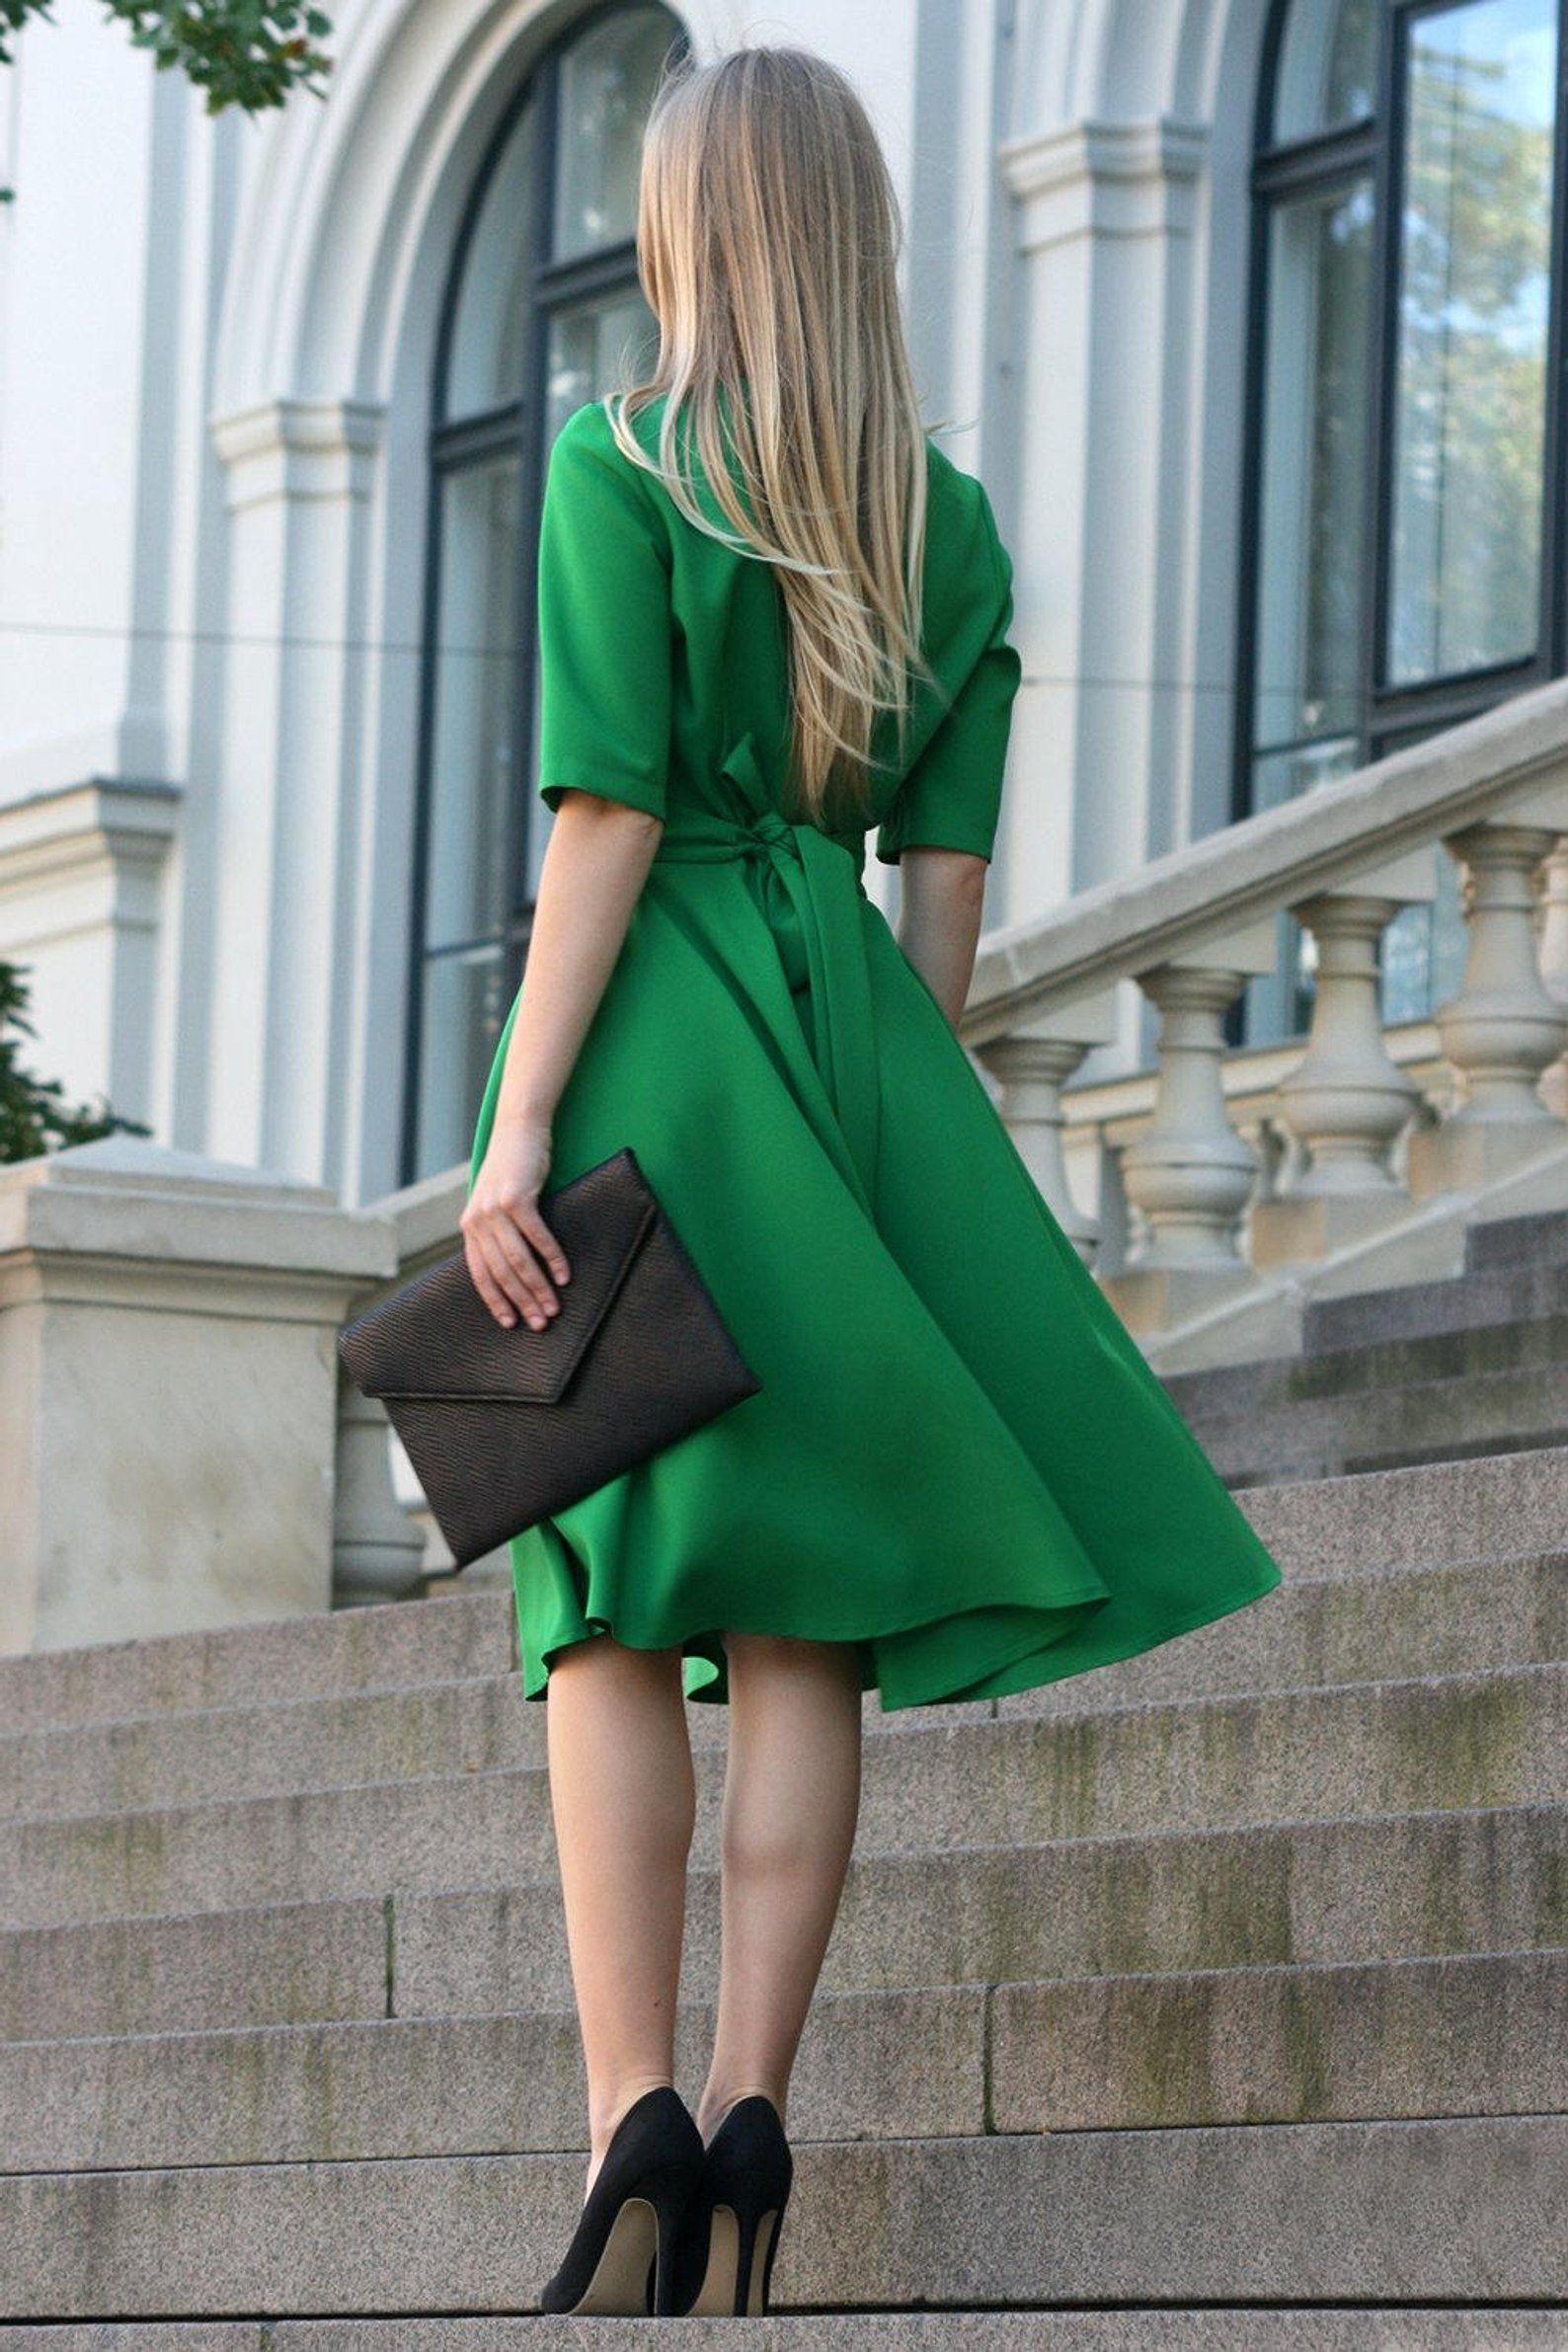 Midi Dress Green Dress Formal Dress Office Dress Summer Etsy Elegant Dresses For Women Short Sleeve Prom Dresses Green Midi Dress [ 2382 x 1588 Pixel ]